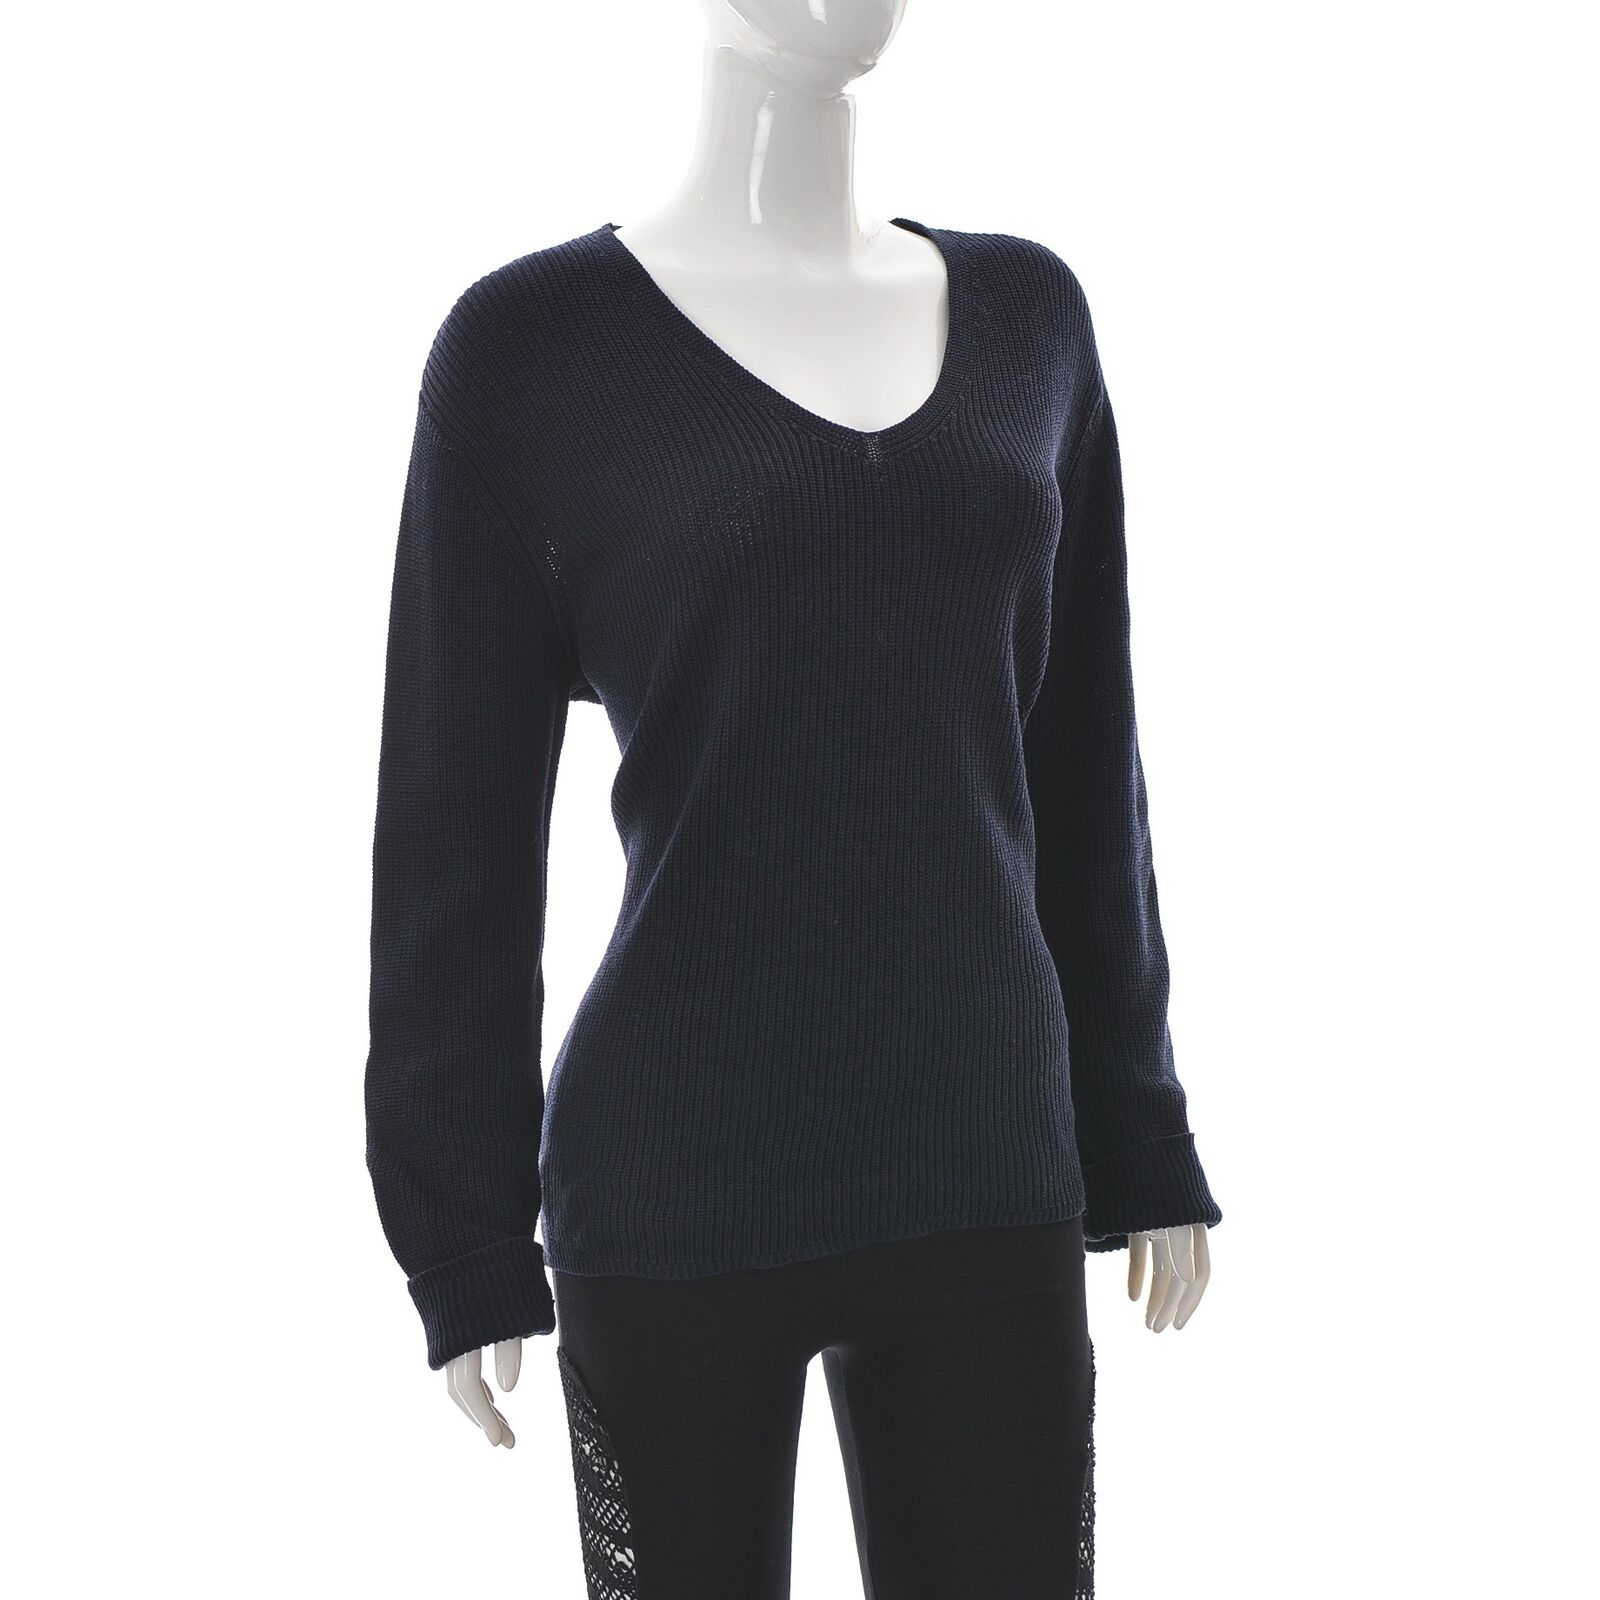 Clarina Sammlung Damen V-Ausschnitt Gerippter Strick Pullover Größe 42 Navy Blau